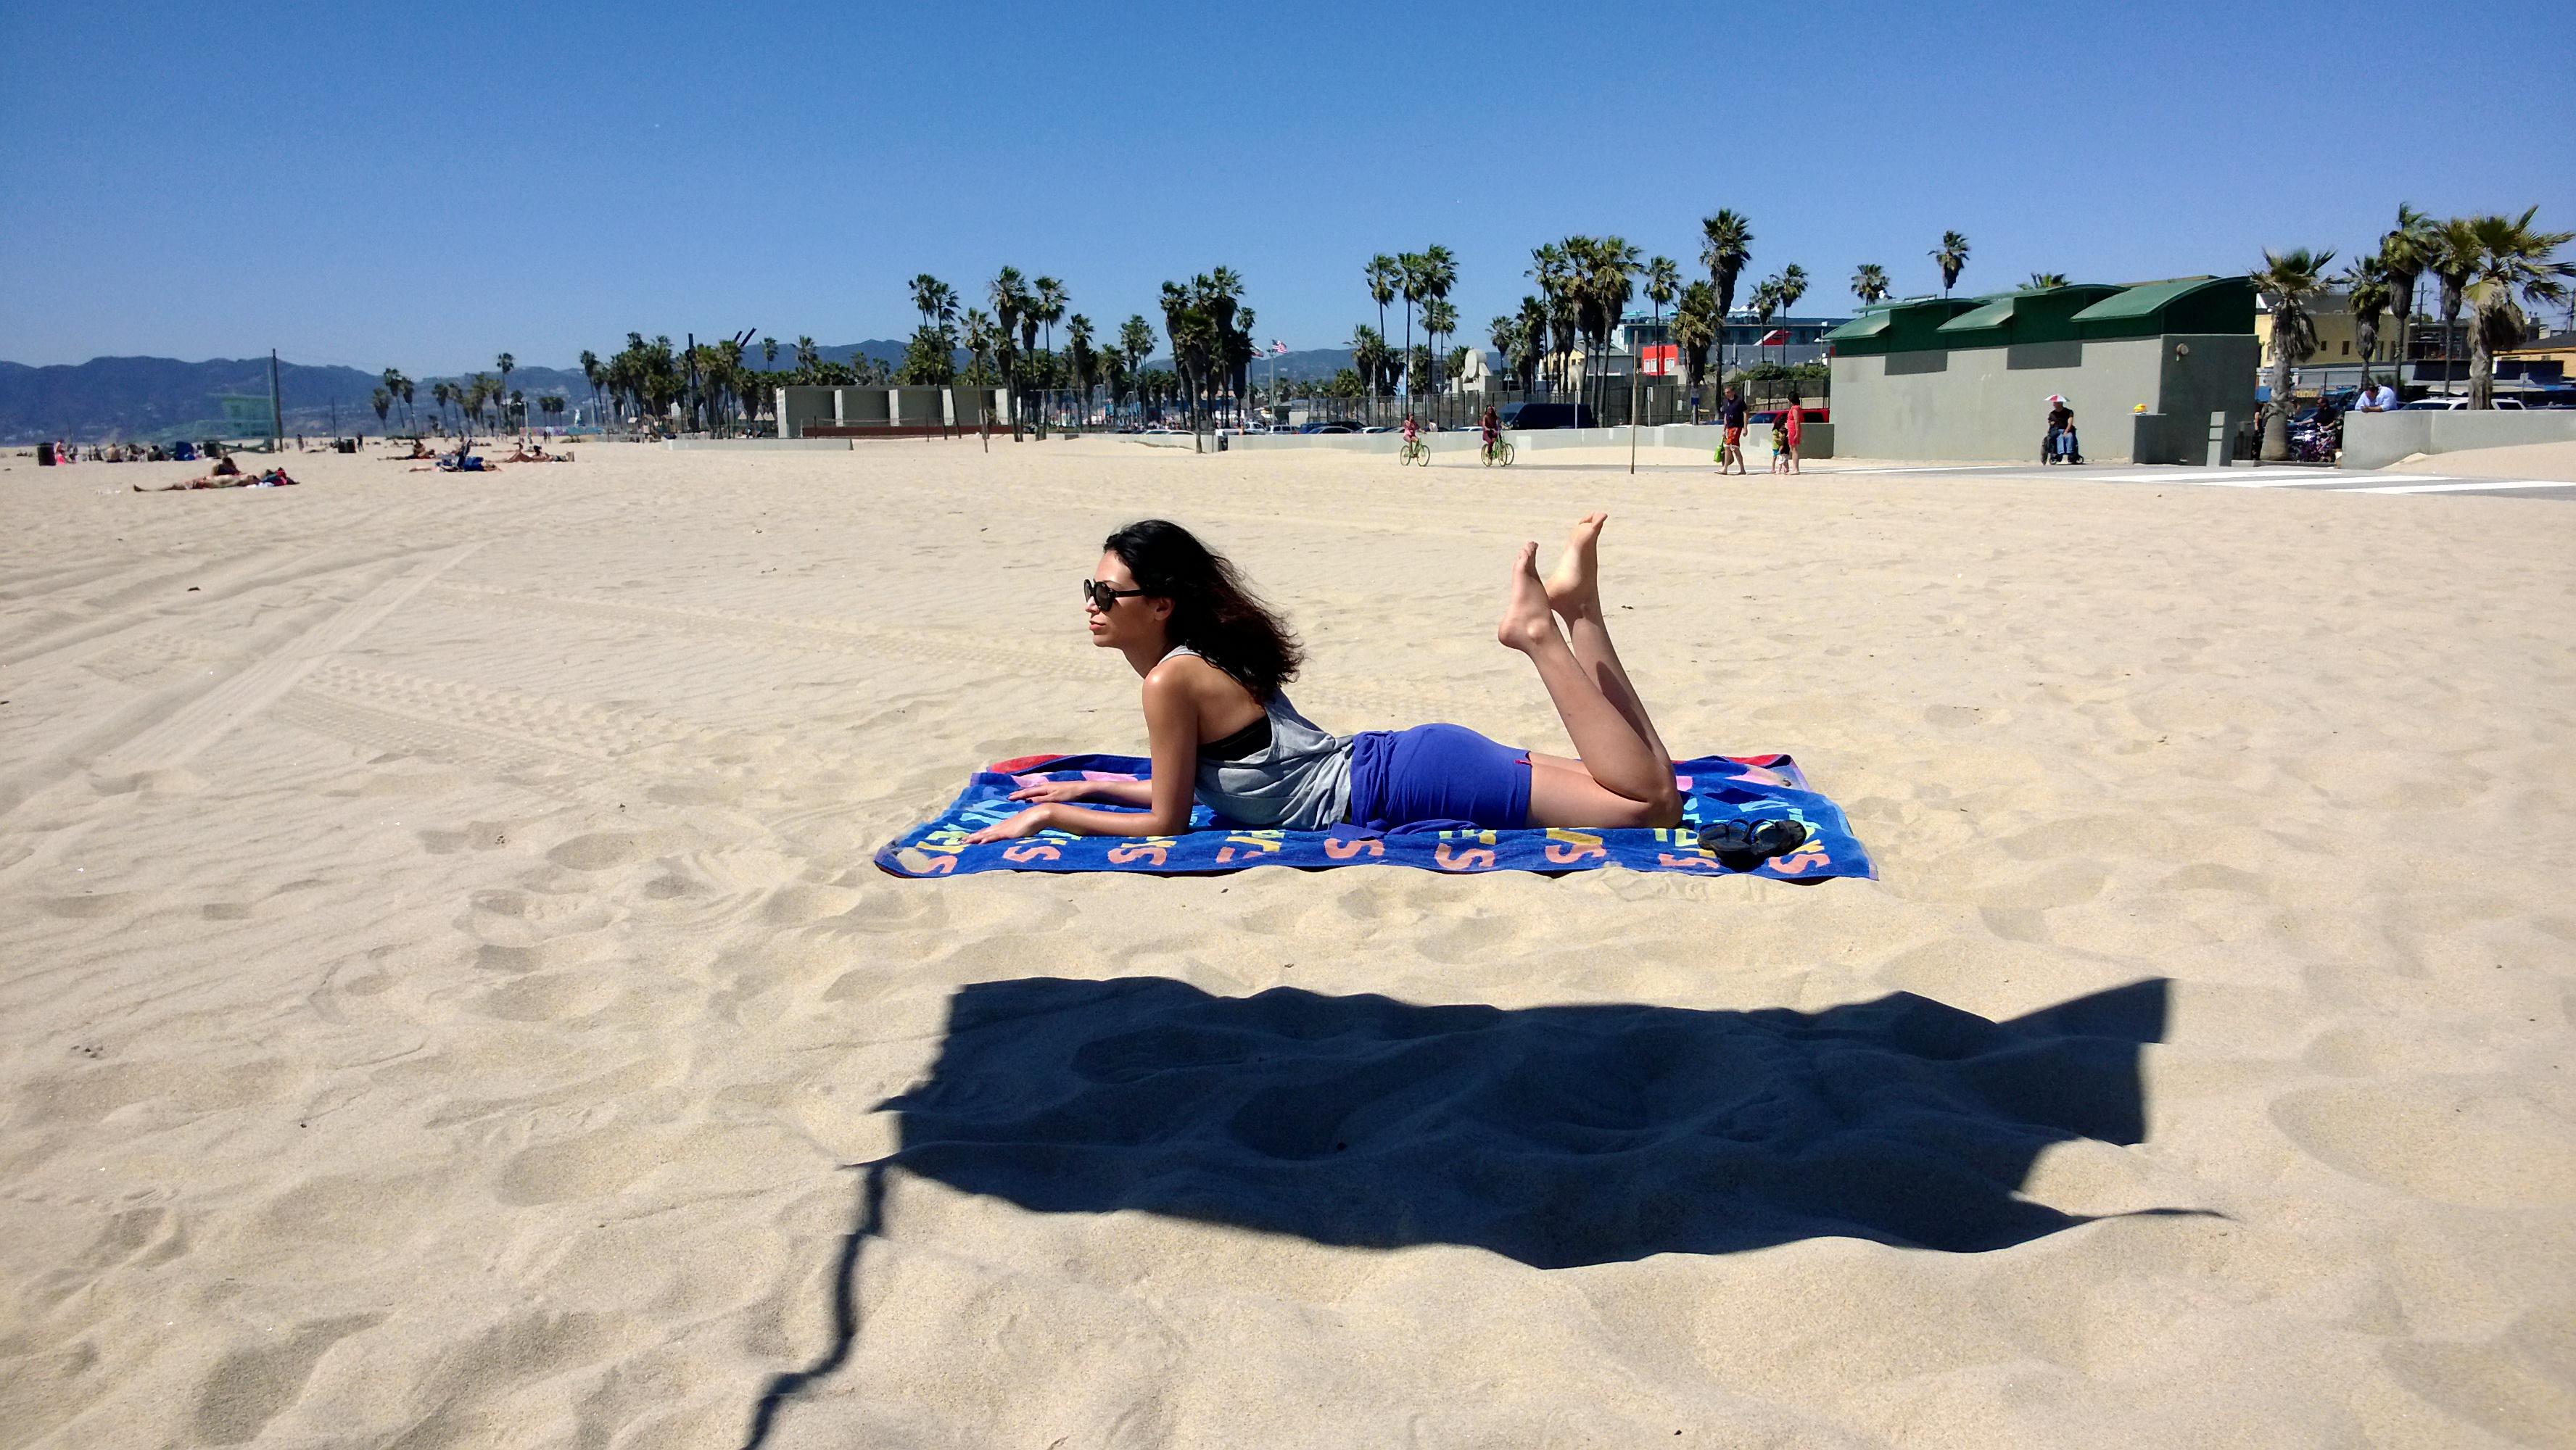 Nokia fotos tomadas con el Lumia 925 en la playa mujer